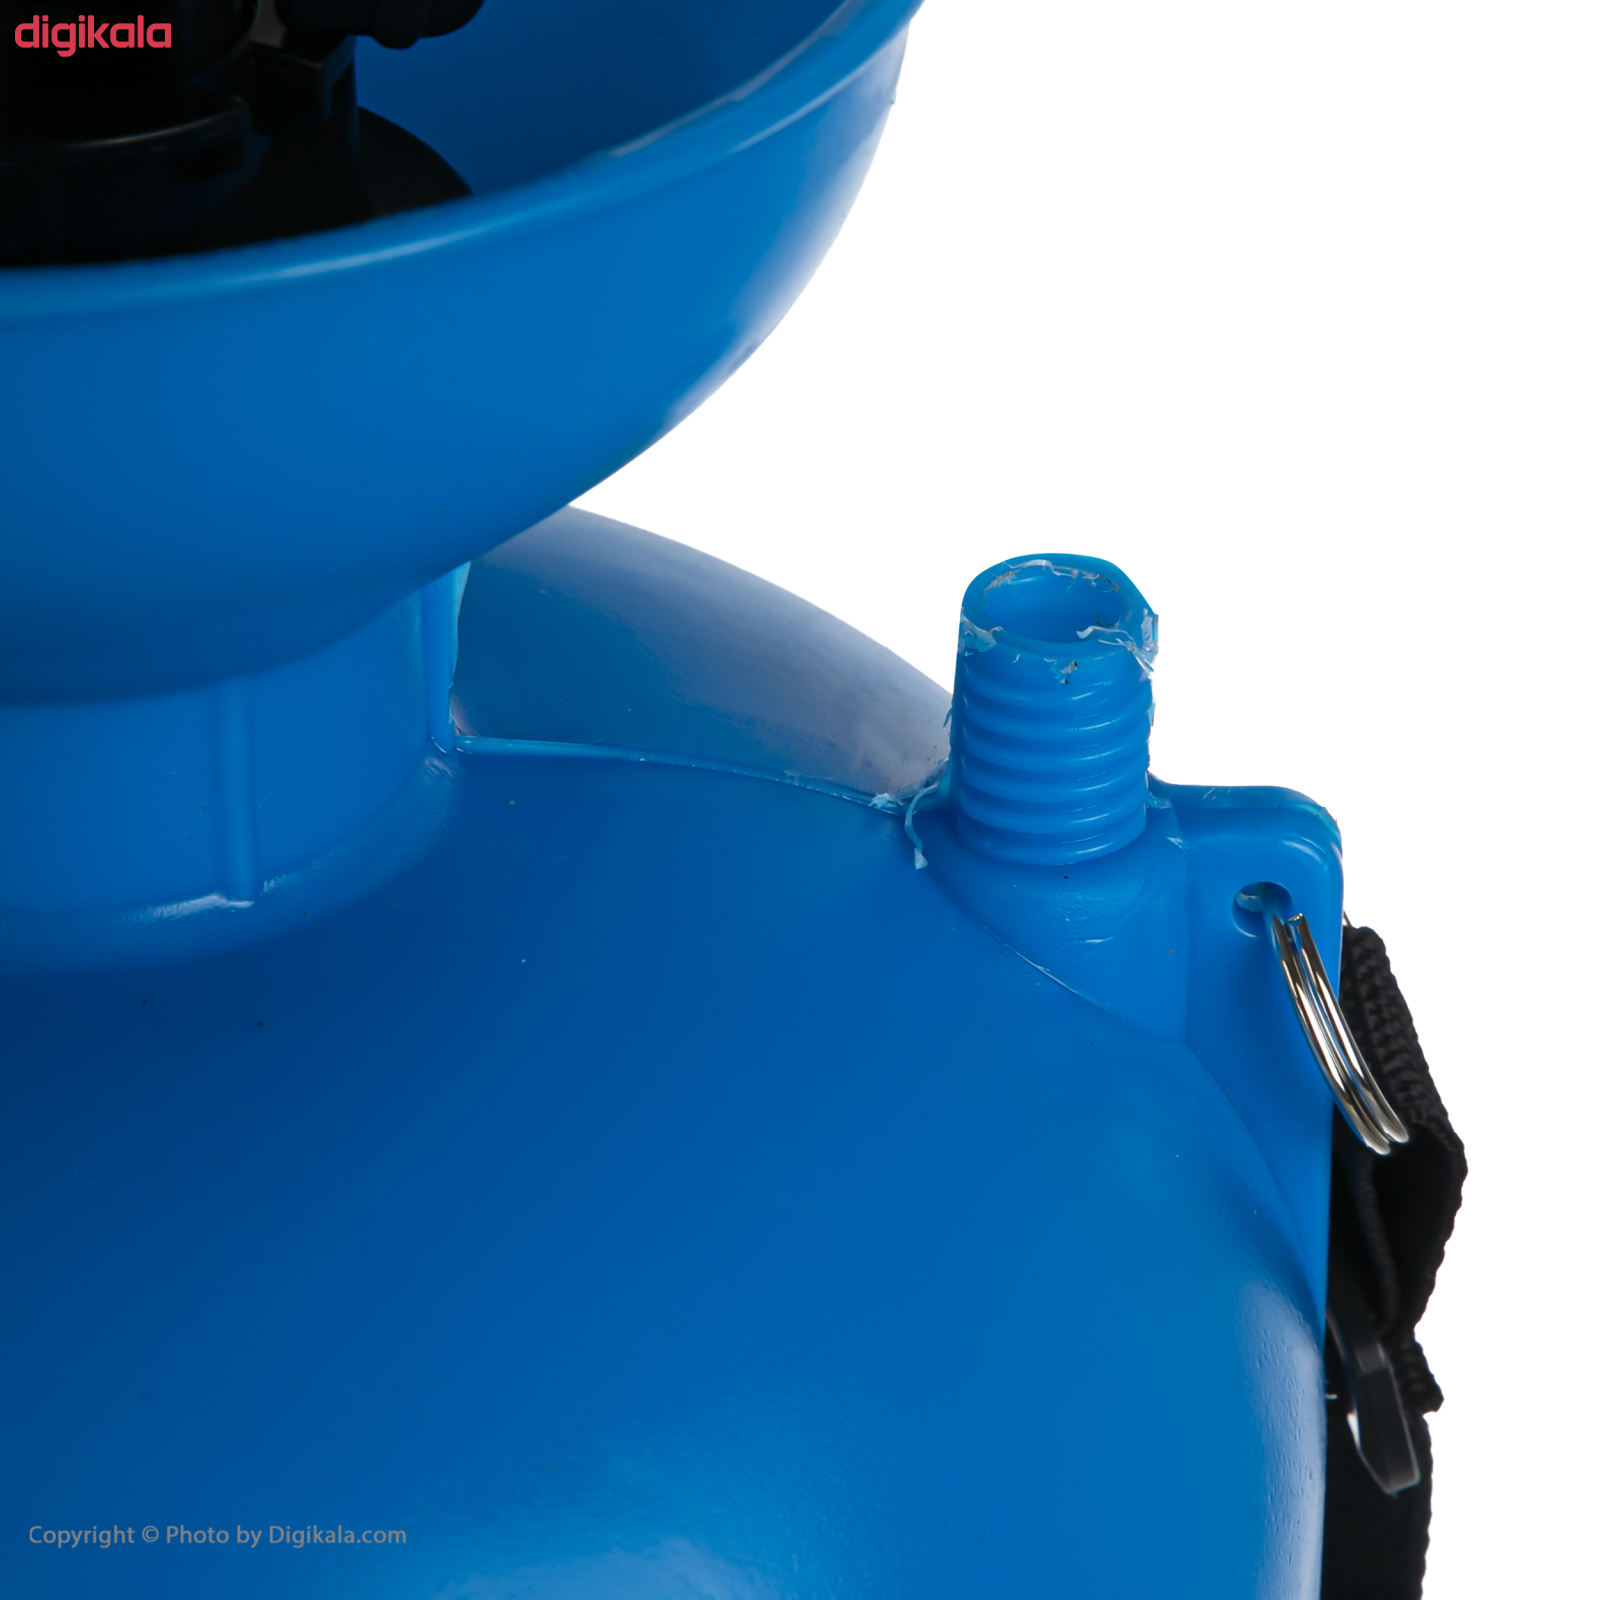 سمپاش اکتیو تولز مدل AC1011LS گنجایش 11 لیتر main 1 5